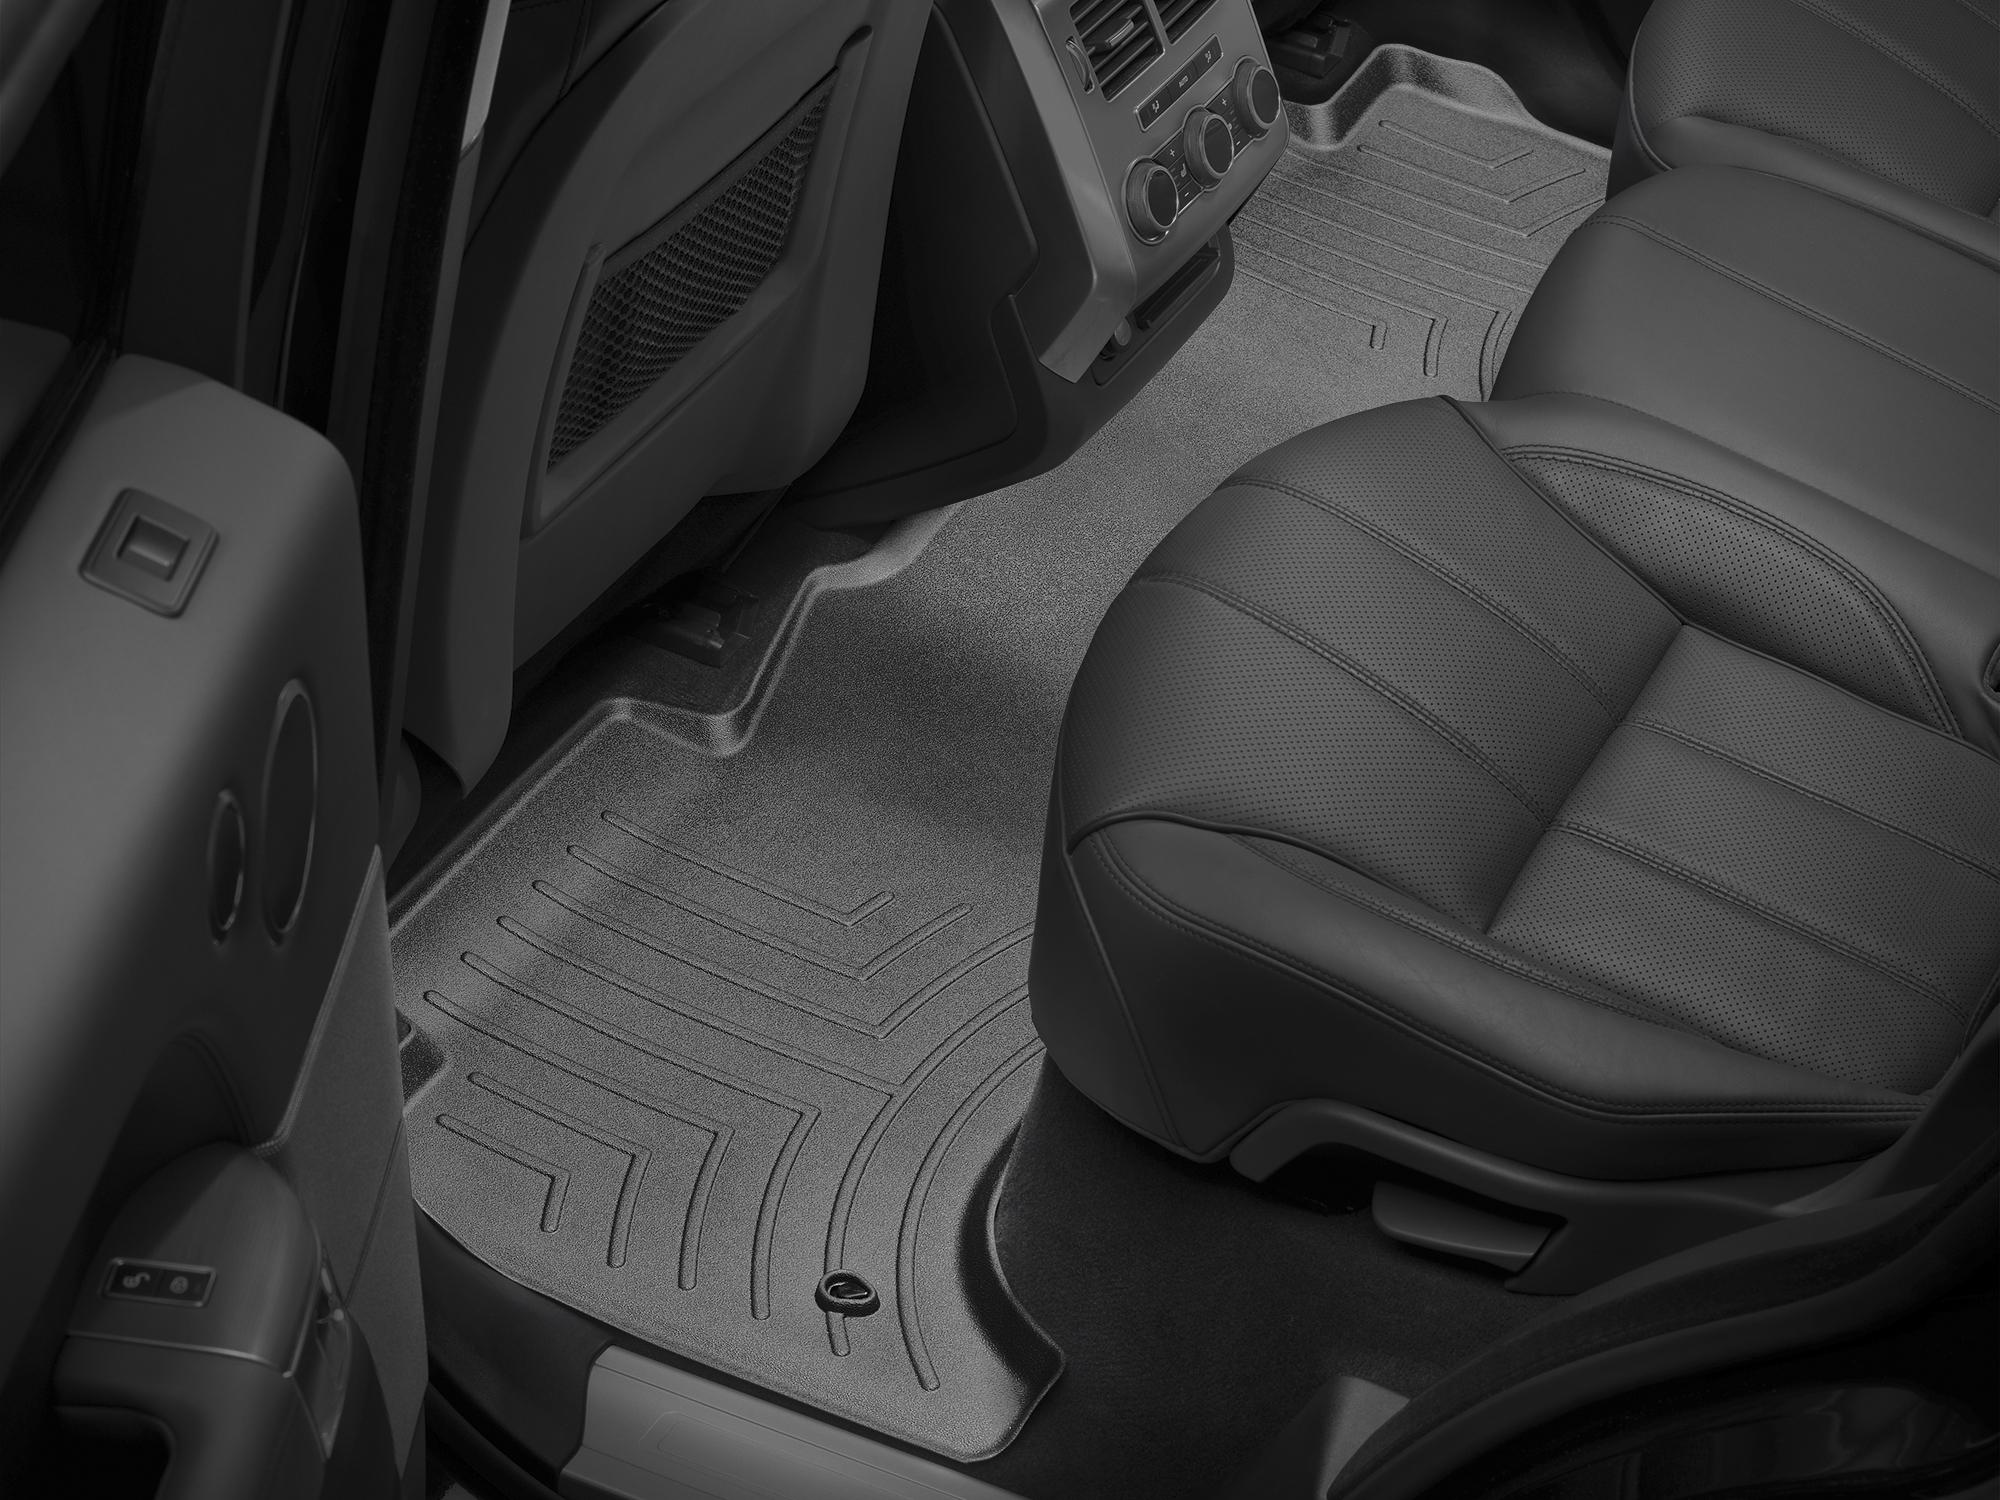 Tappeti gomma su misura bordo alto Land Rover 14>17 Nero A1996